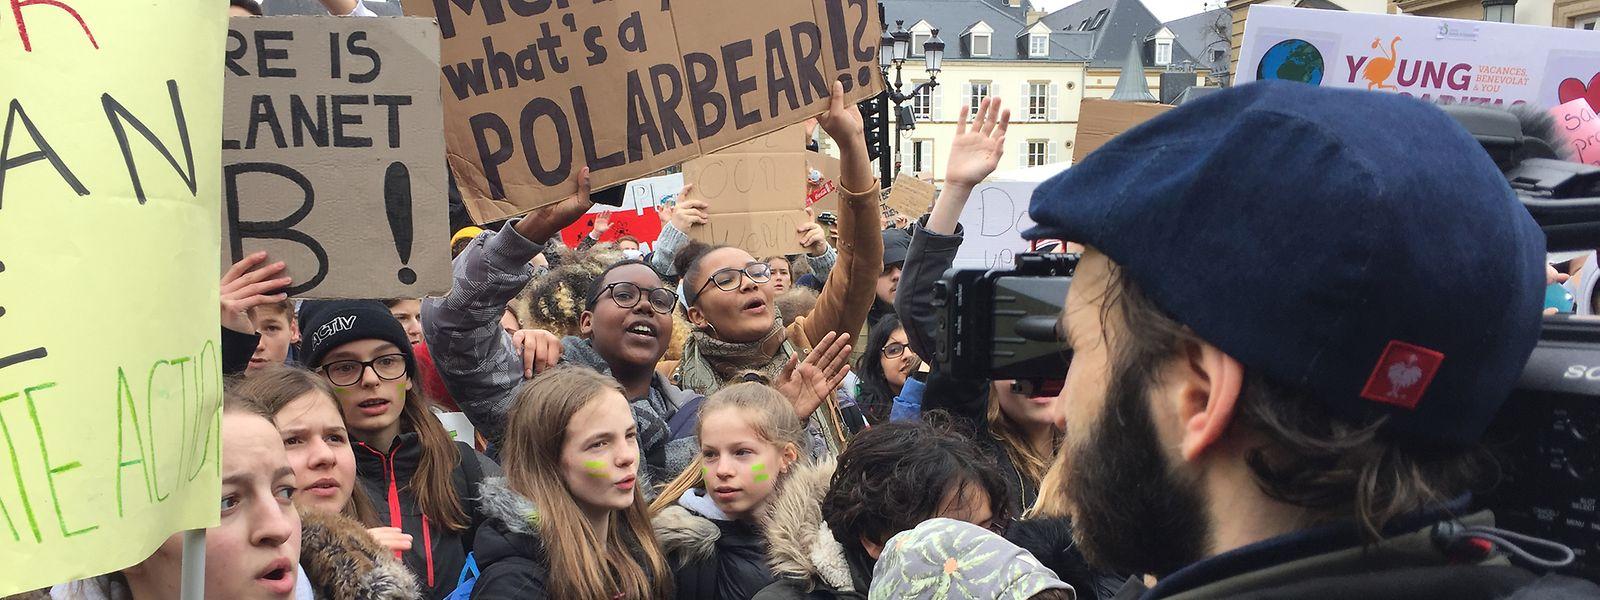 """Tom Alesch verabscheut das Wort """"Umweltsünder"""" und wollte in seinem Film """"Eng Äerd"""" - diese Woche neu im Kino -  keinem ins Gewissen reden, dafür aber jene Menschen zu Wort kommen lassen, die hinter den Luxemburger Initiativen für einen ressourcenschonenden Umgang mit der Erde stehen. Am ersten Filmtag fand übrigens in Luxemburg die erste Freitagsdemo der Schüler fürs Klima statt – auch darauf hielt er seine Kamera."""